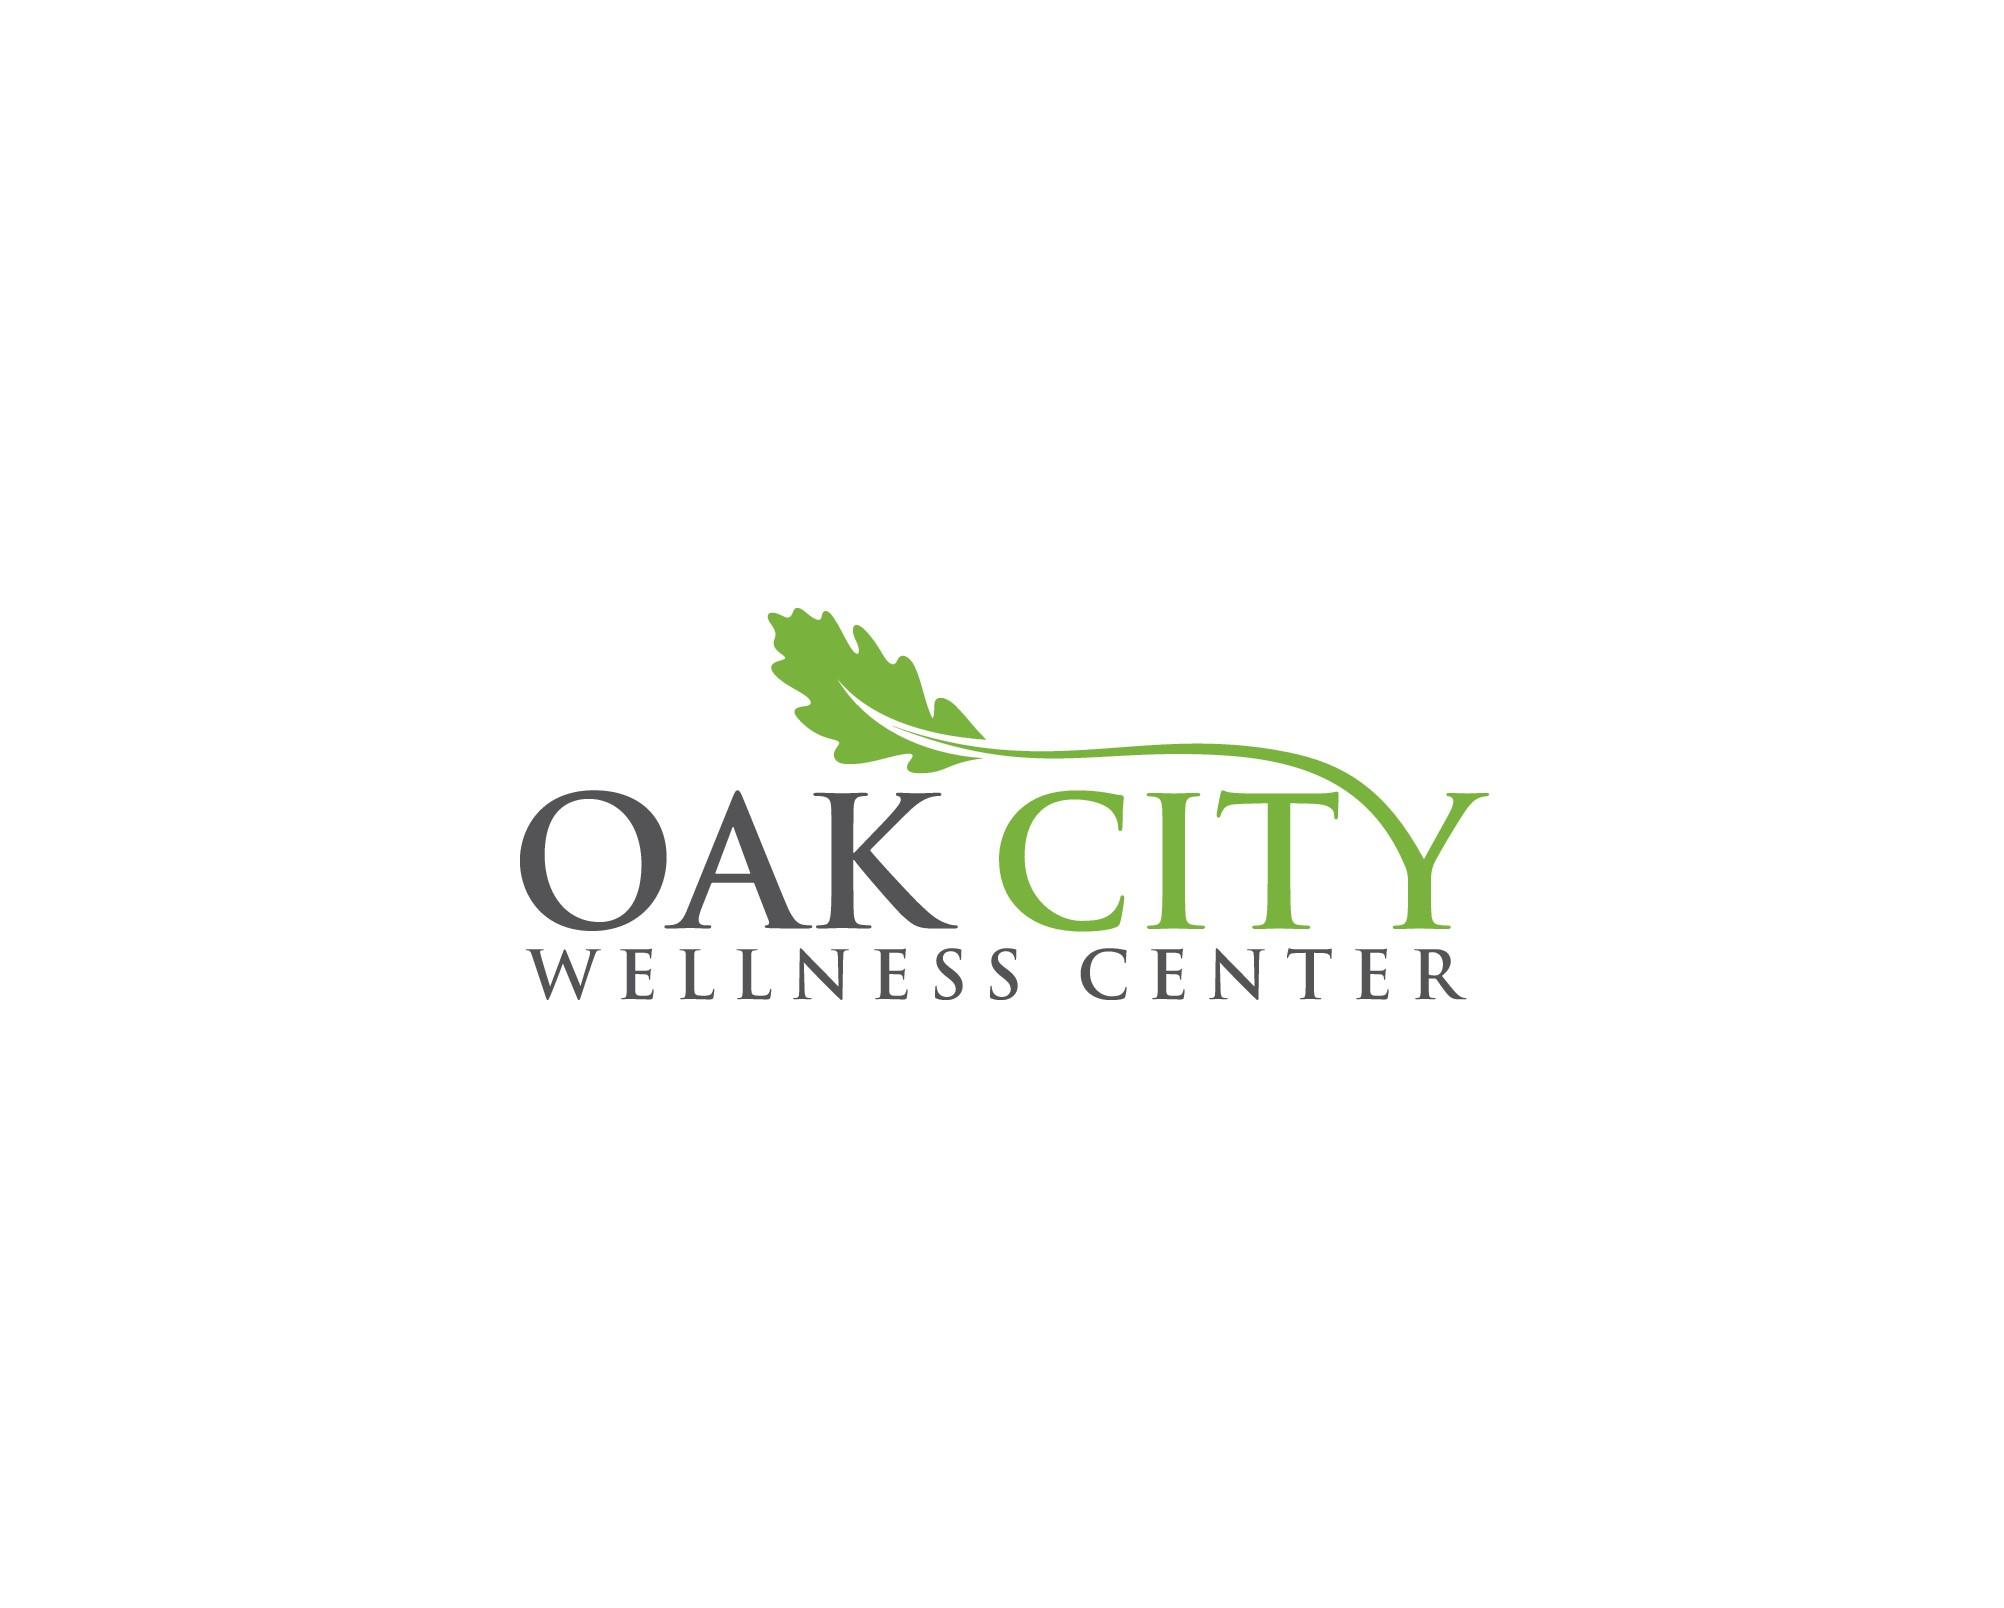 Design an oak tree logo for a new wellness center